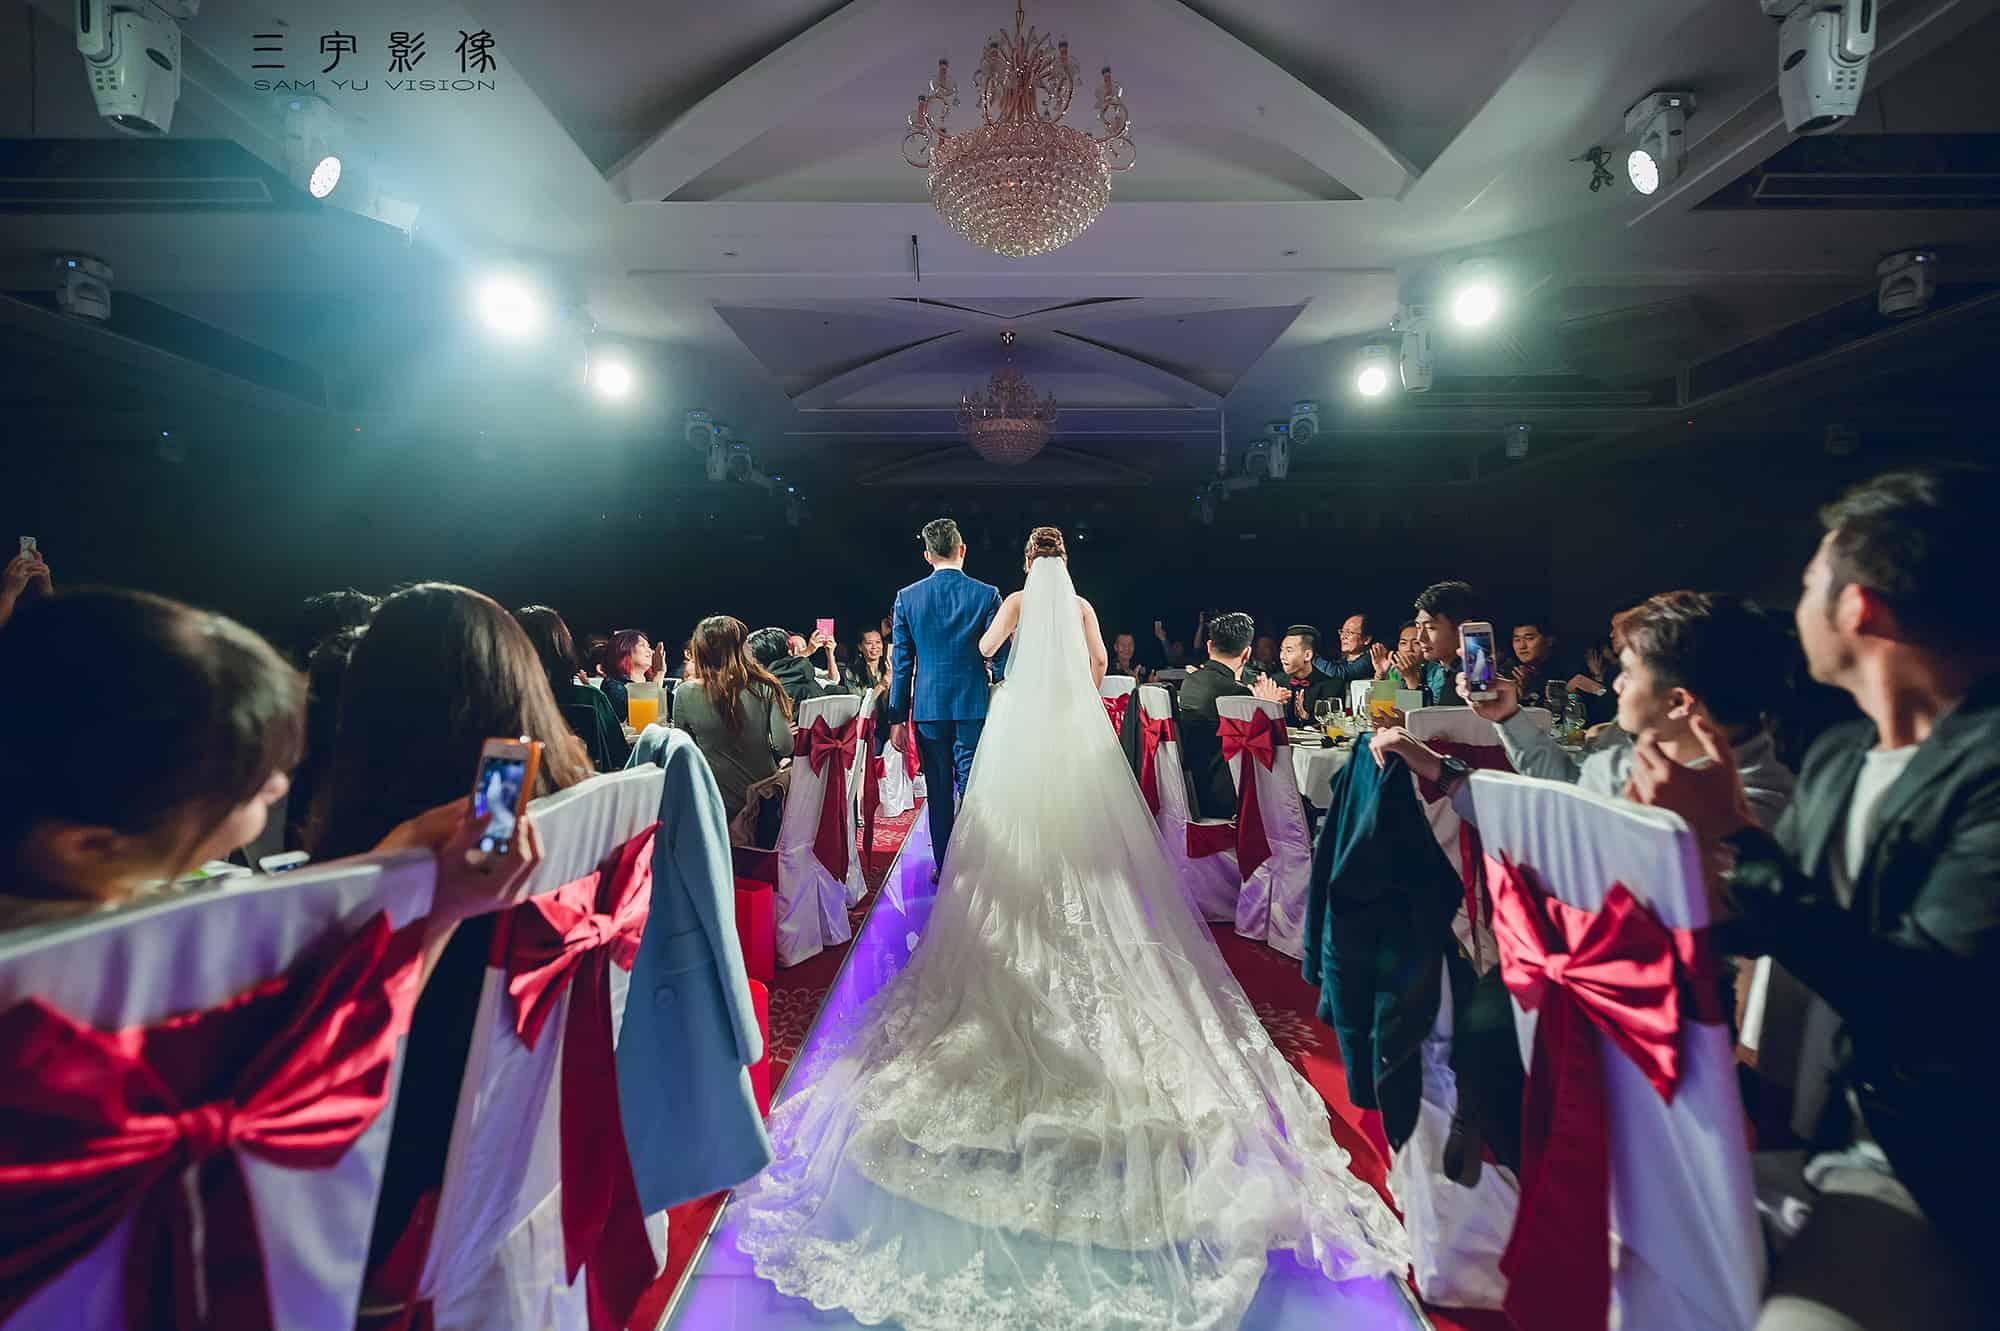 三宇影像,阿三,游阿,星靚點,宴客,儀式,紅毯,阿瓜婚錄,新秘sunday,風雲20,wppi,婚禮記錄,婚攝,婚禮攝影,